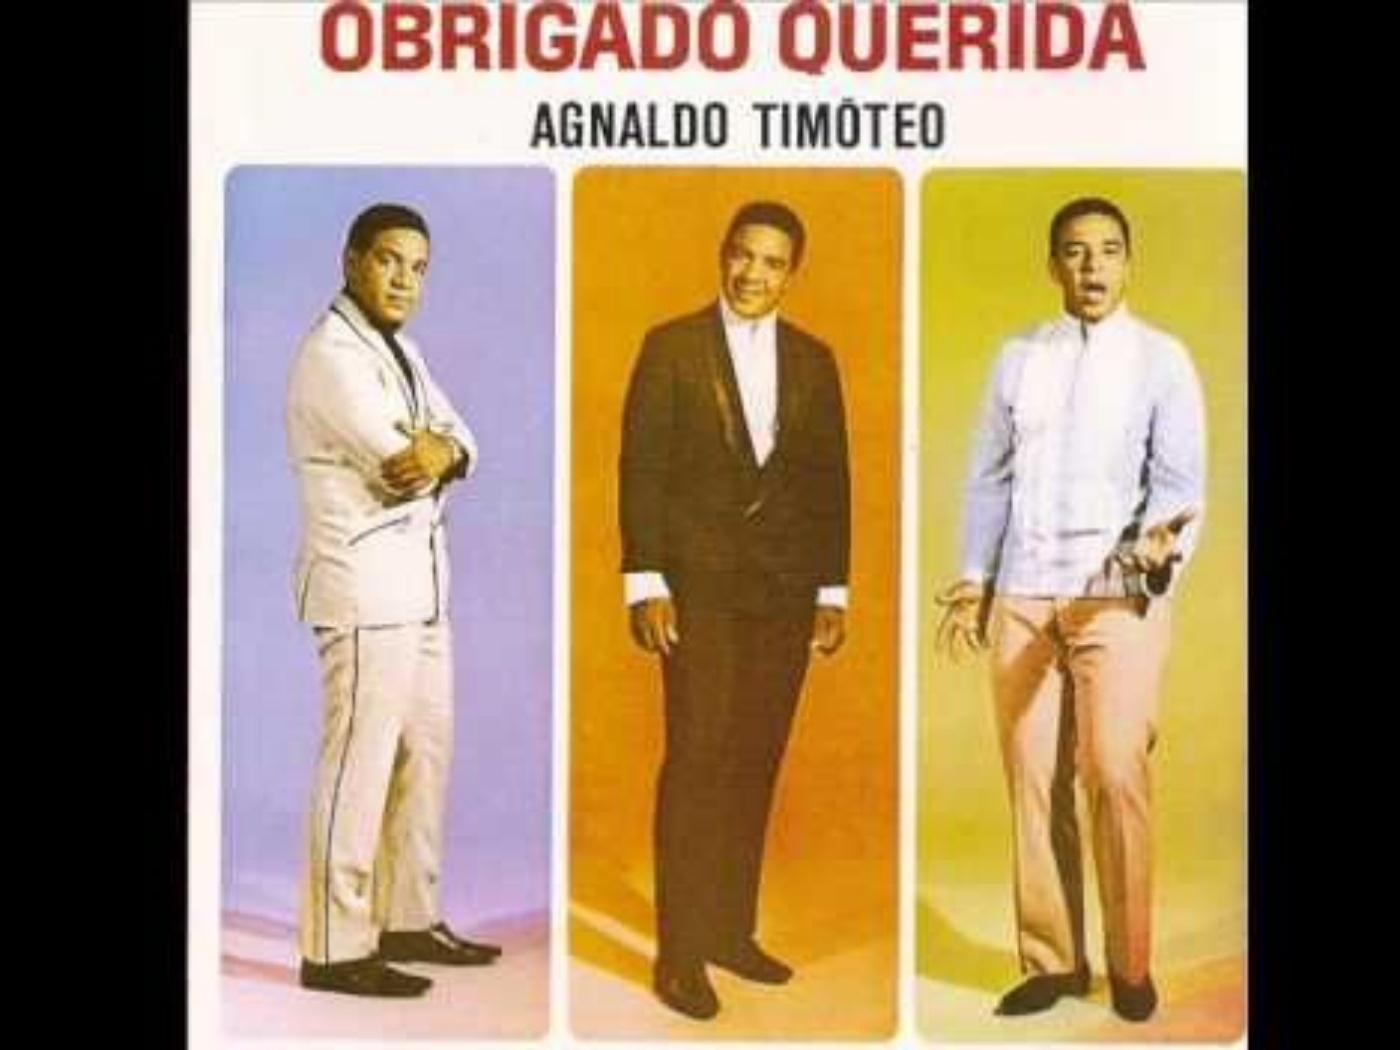 """Em 1968, emplacou a música """"Meu Grito"""", de Roberto e Erasmo Carlos, do álbum """"Obrigado, Querida"""". Também fizeram sucesso as músicas desse disco """"Mamãe Estou Tão Feliz"""" e """"Os Verdes Campos da Minha Terra"""". - Reprodução"""